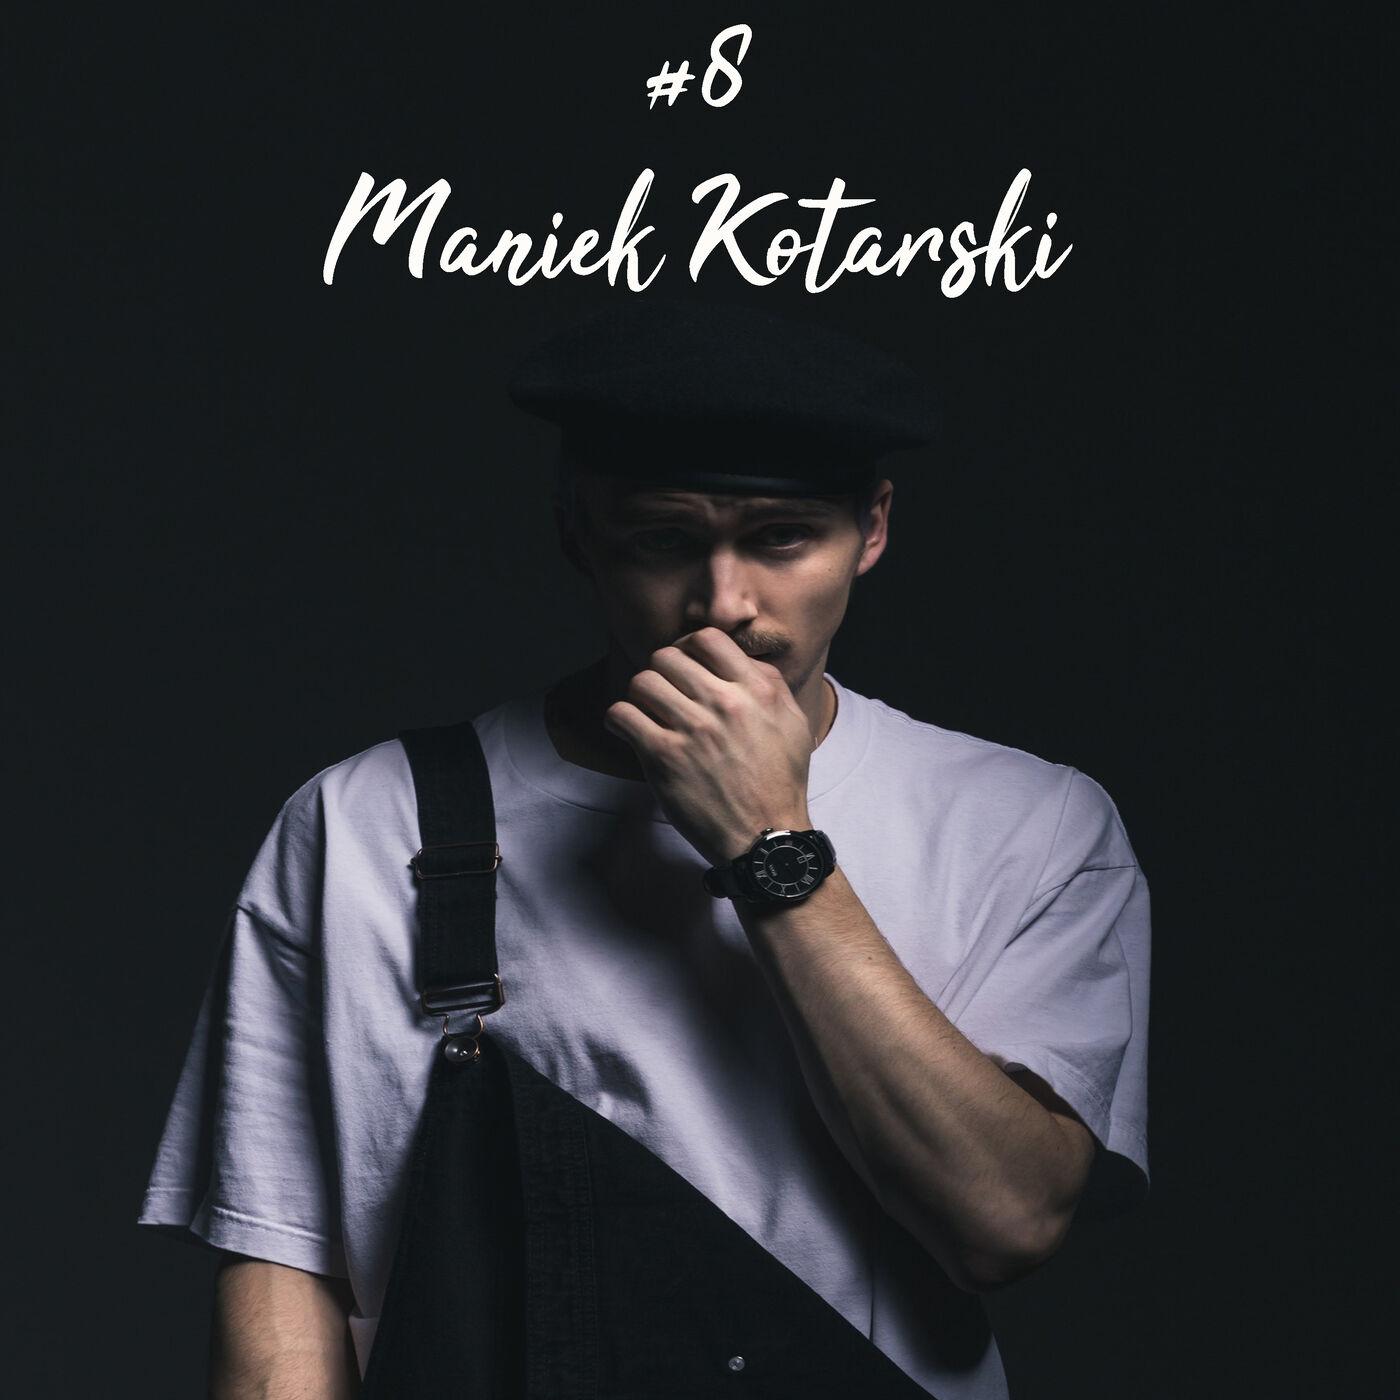 #8 Maniek Kotarski